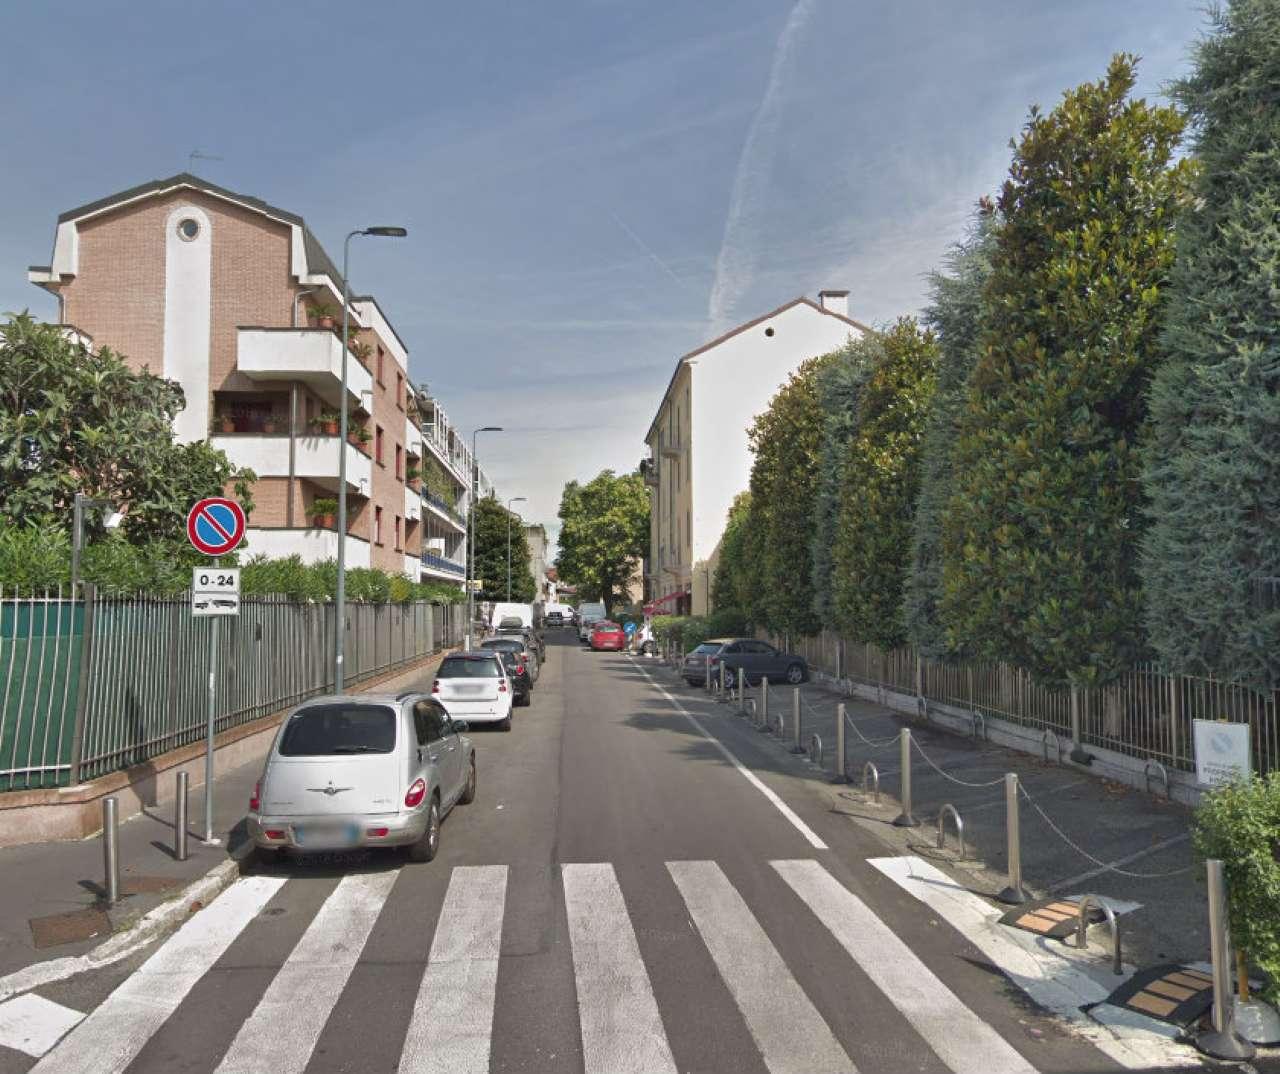 Milano Milano Vendita APPARTAMENTO , annunci gratuiti affitti case a torino e provincia